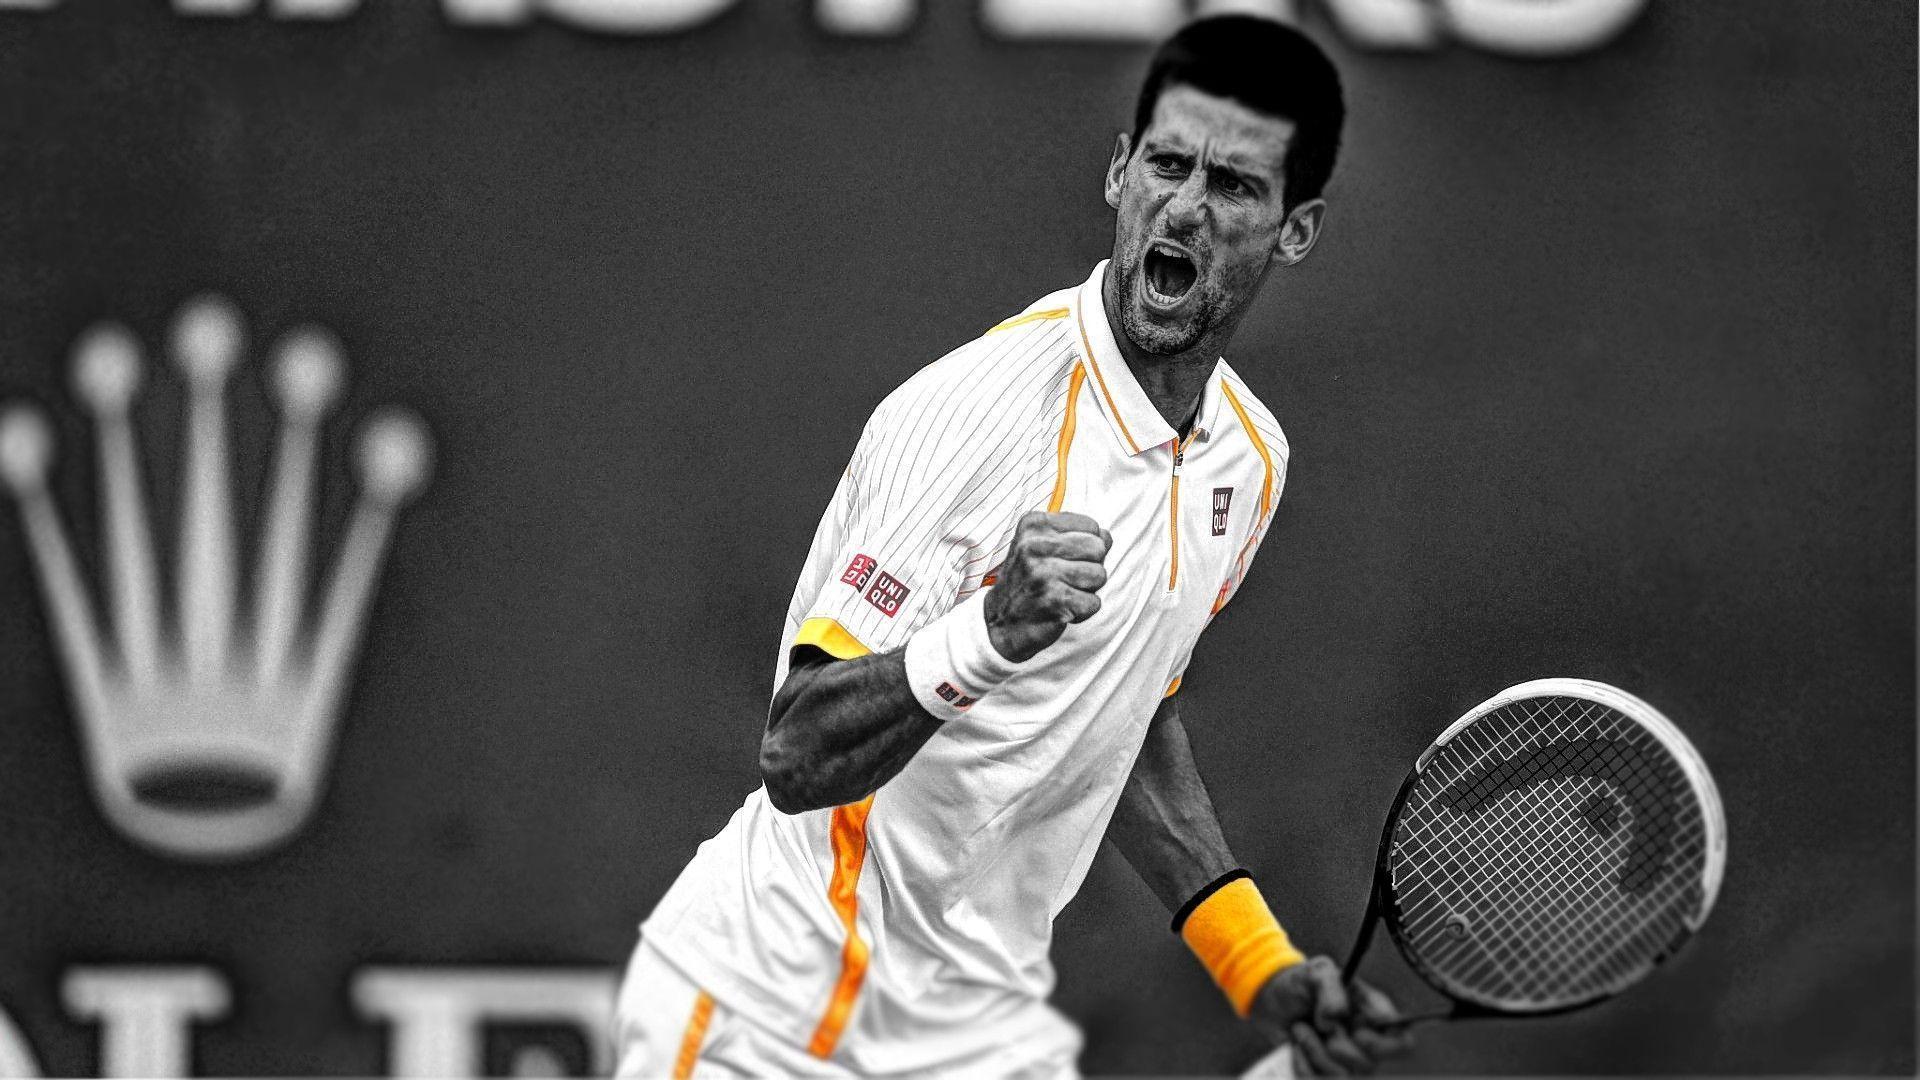 Novak Djokovic HD Wallpaper 1920x1080